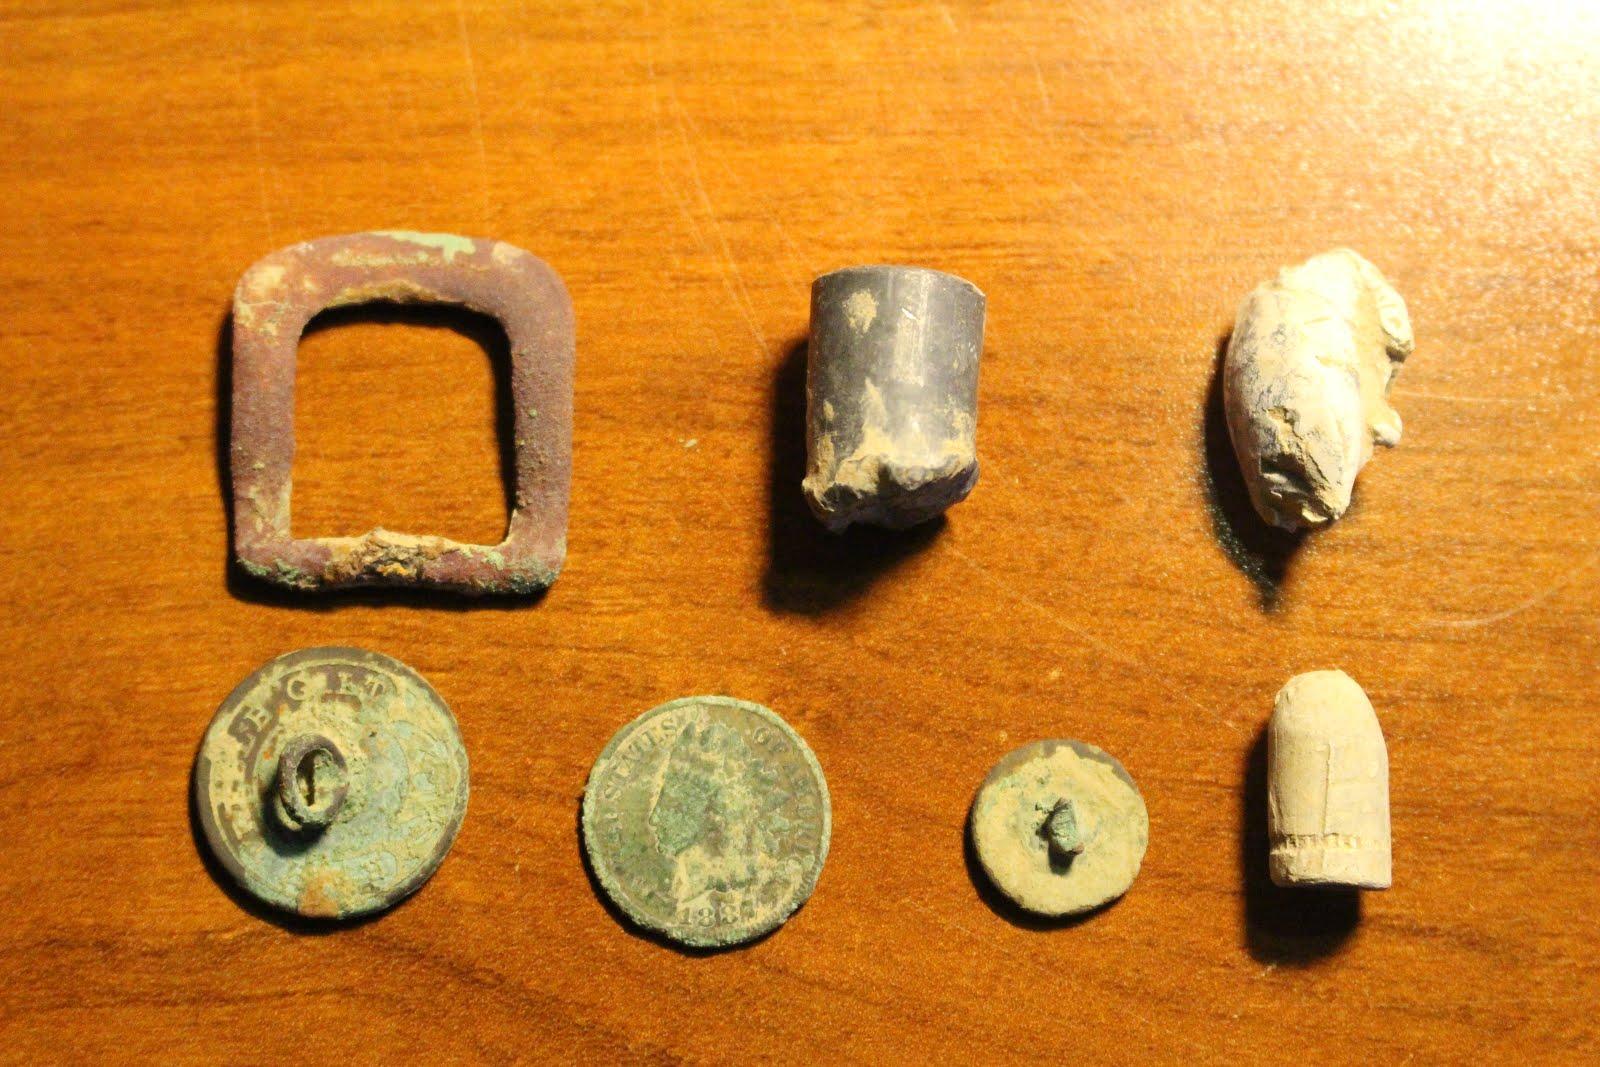 Prendas-reliquias-y-monedas-encontradas-con-un-detector